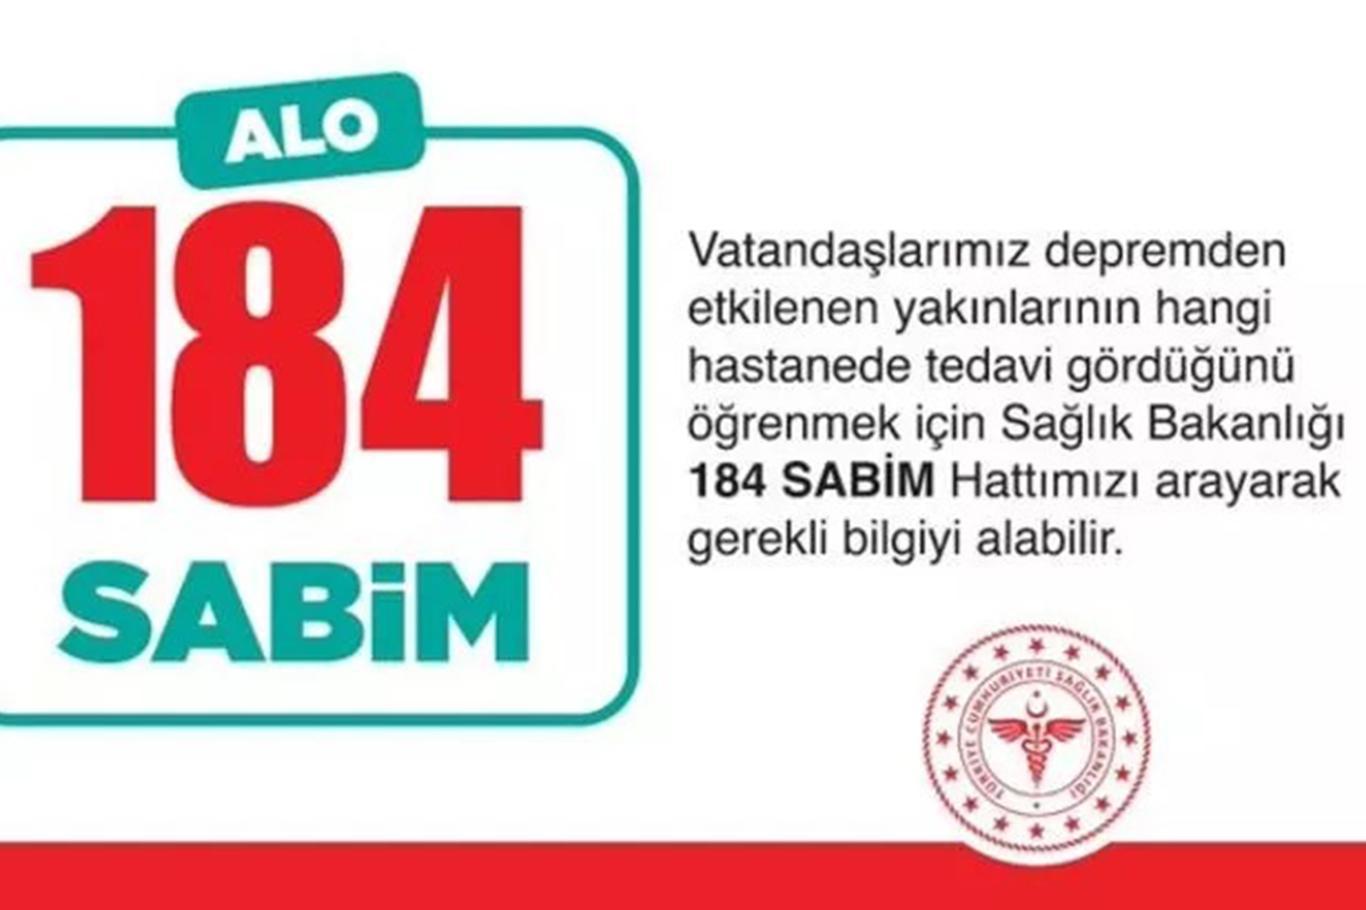 Sağlık Bakanı Fahrettin Koca: Depremden etkilenenlerin durumunu öğrenmek için 184'ü arayın